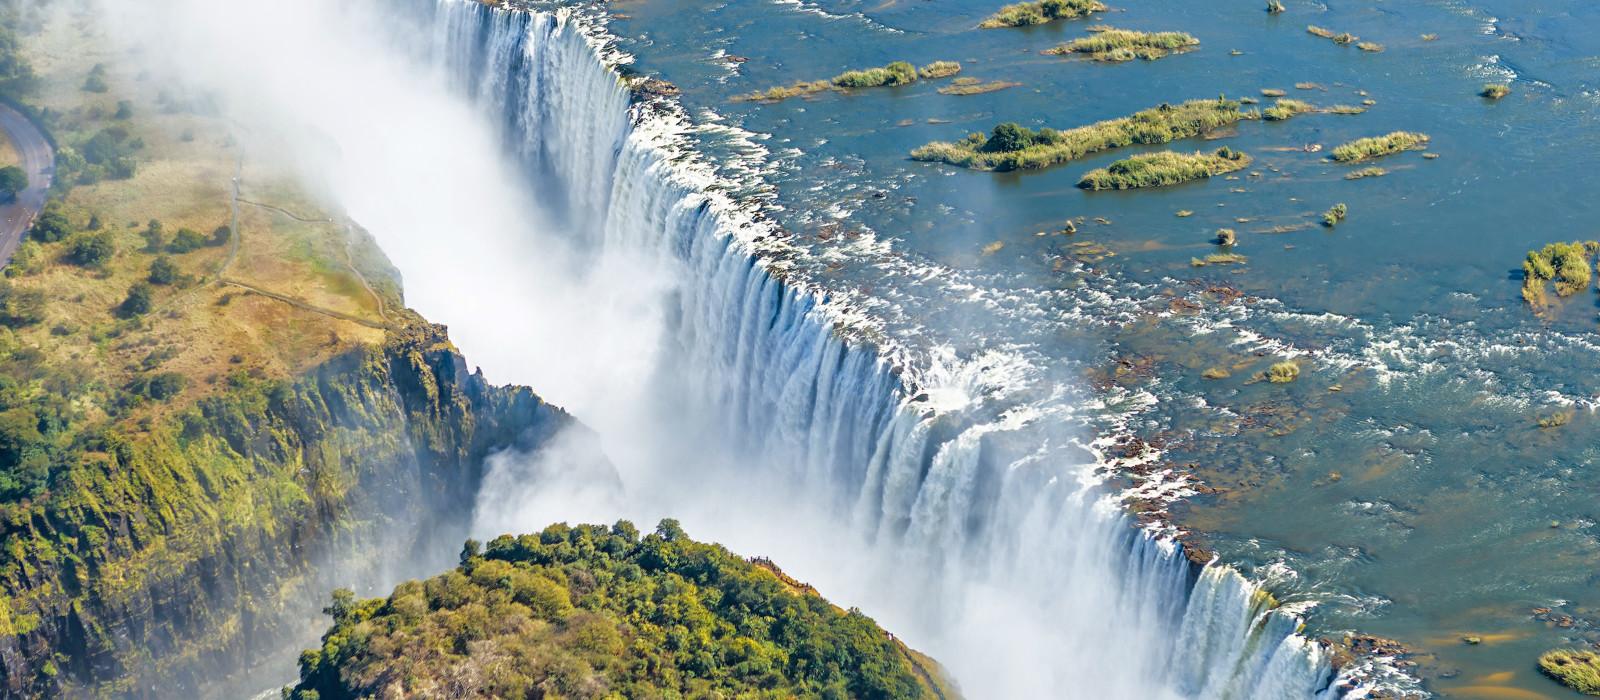 Kruger Safari, Victoria Falls and Okavango Delta Tour Trip 1